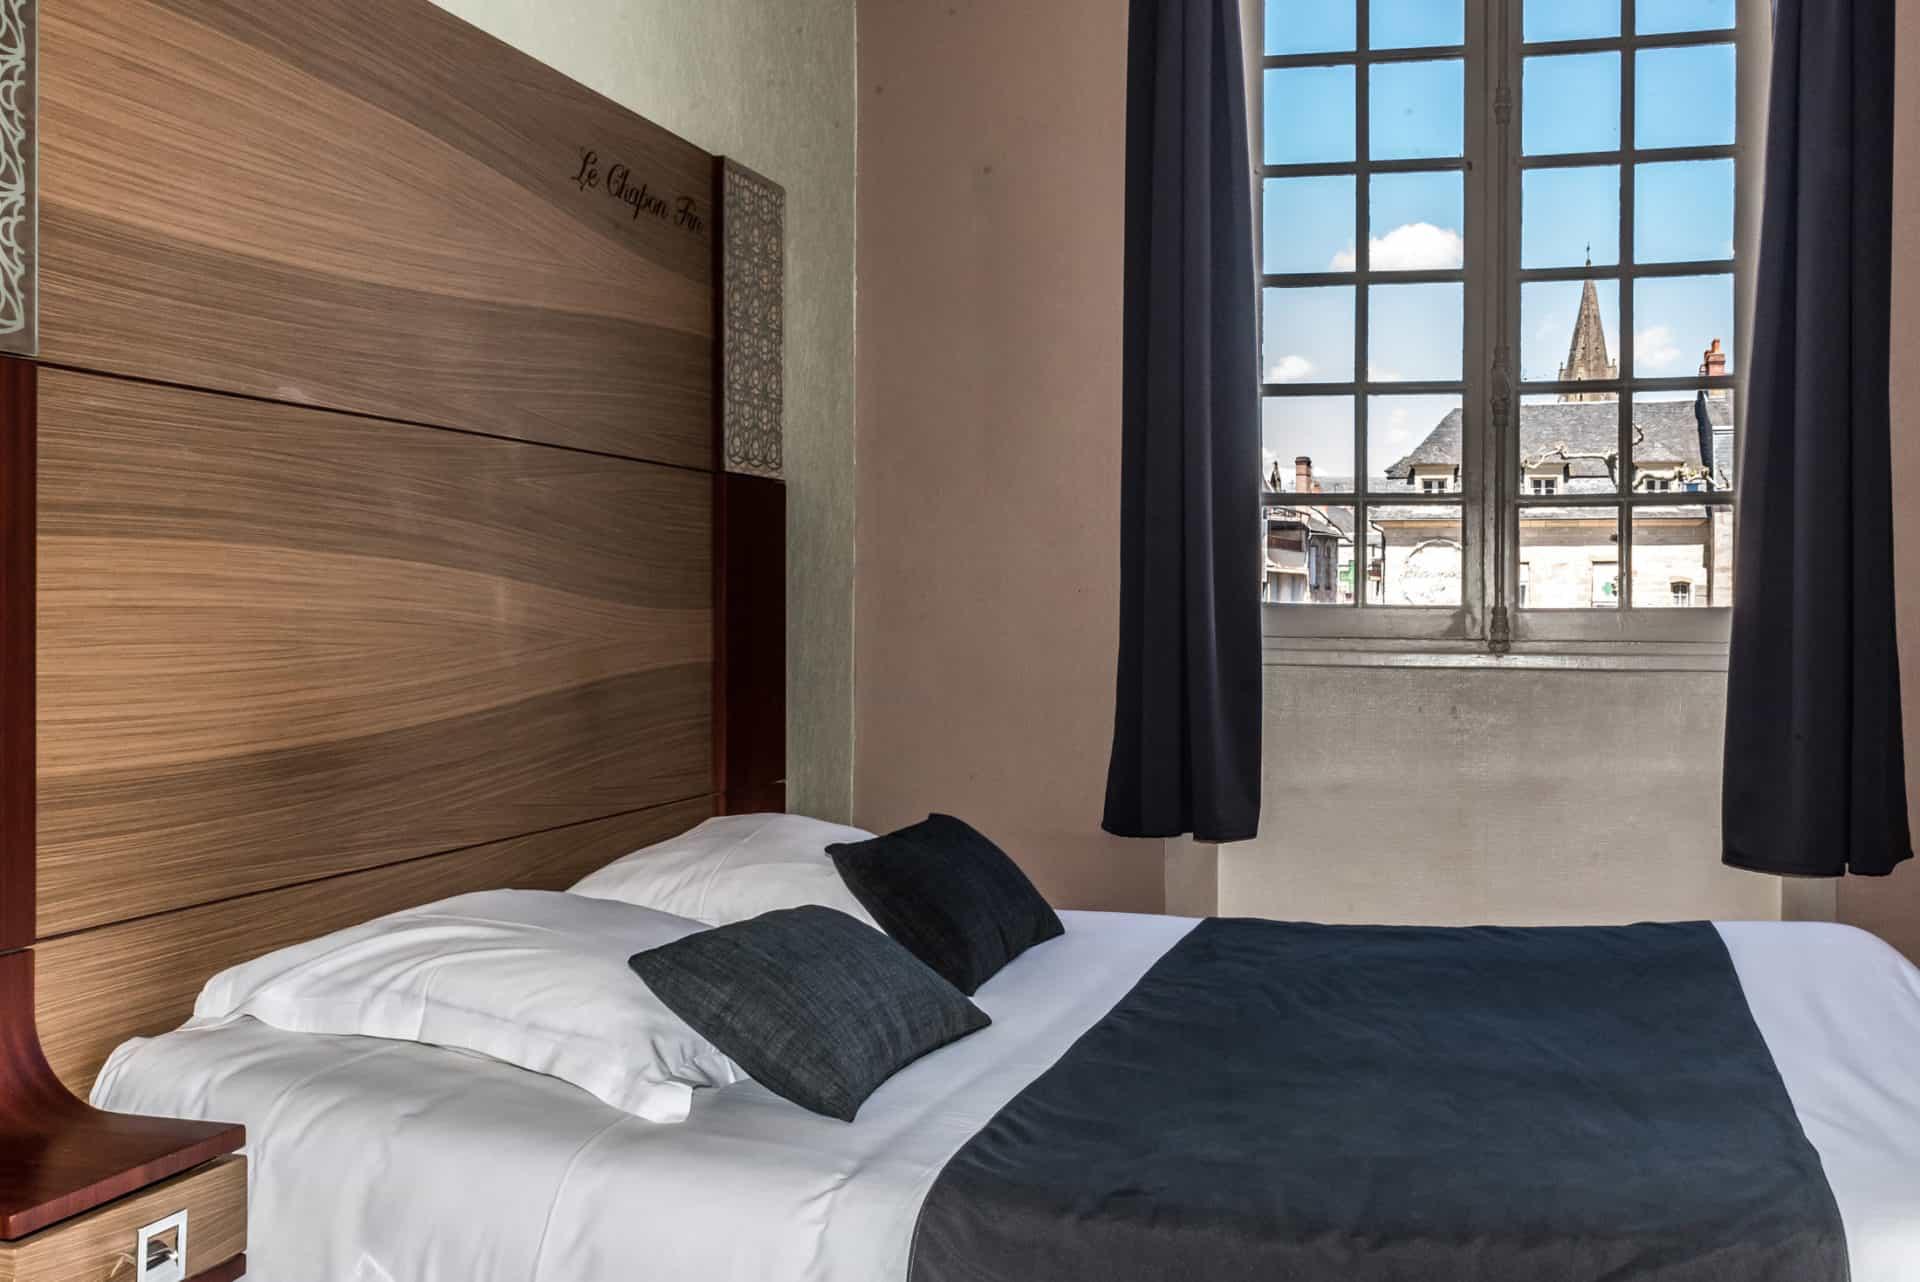 Chambre double hotel Brive